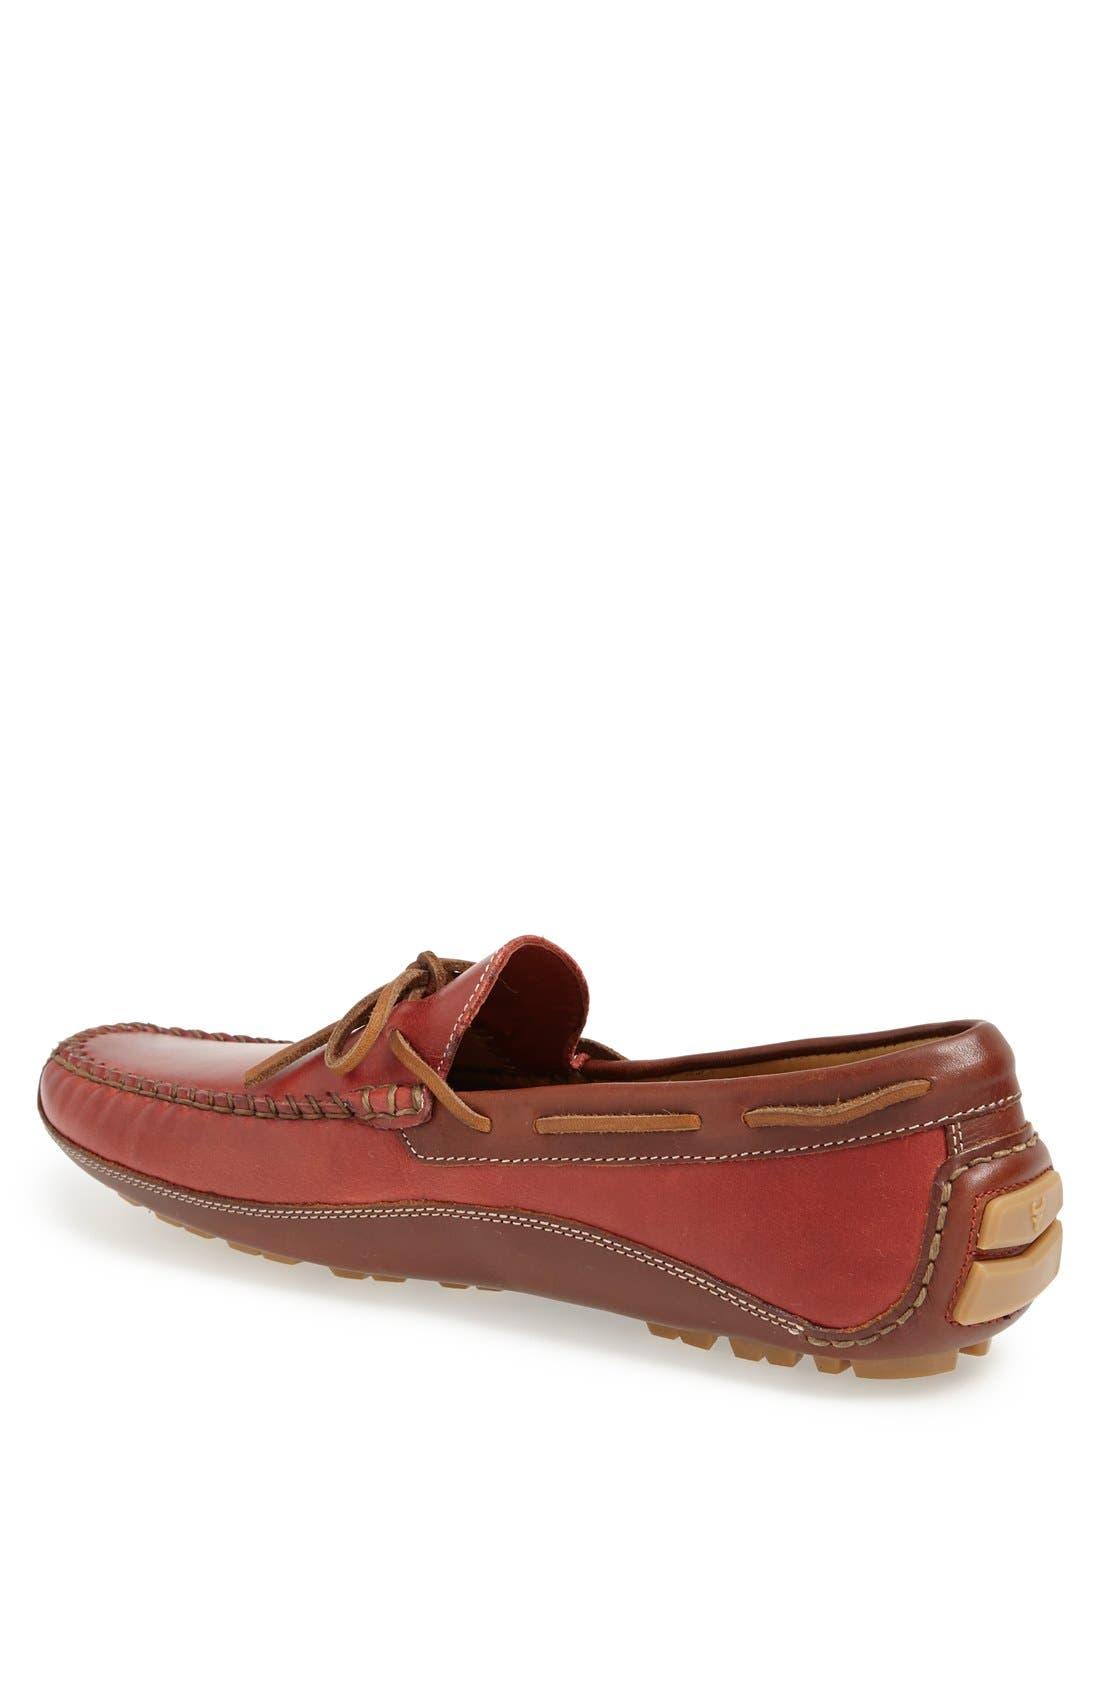 'Drake' Leather Driving Shoe,                             Alternate thumbnail 59, color,